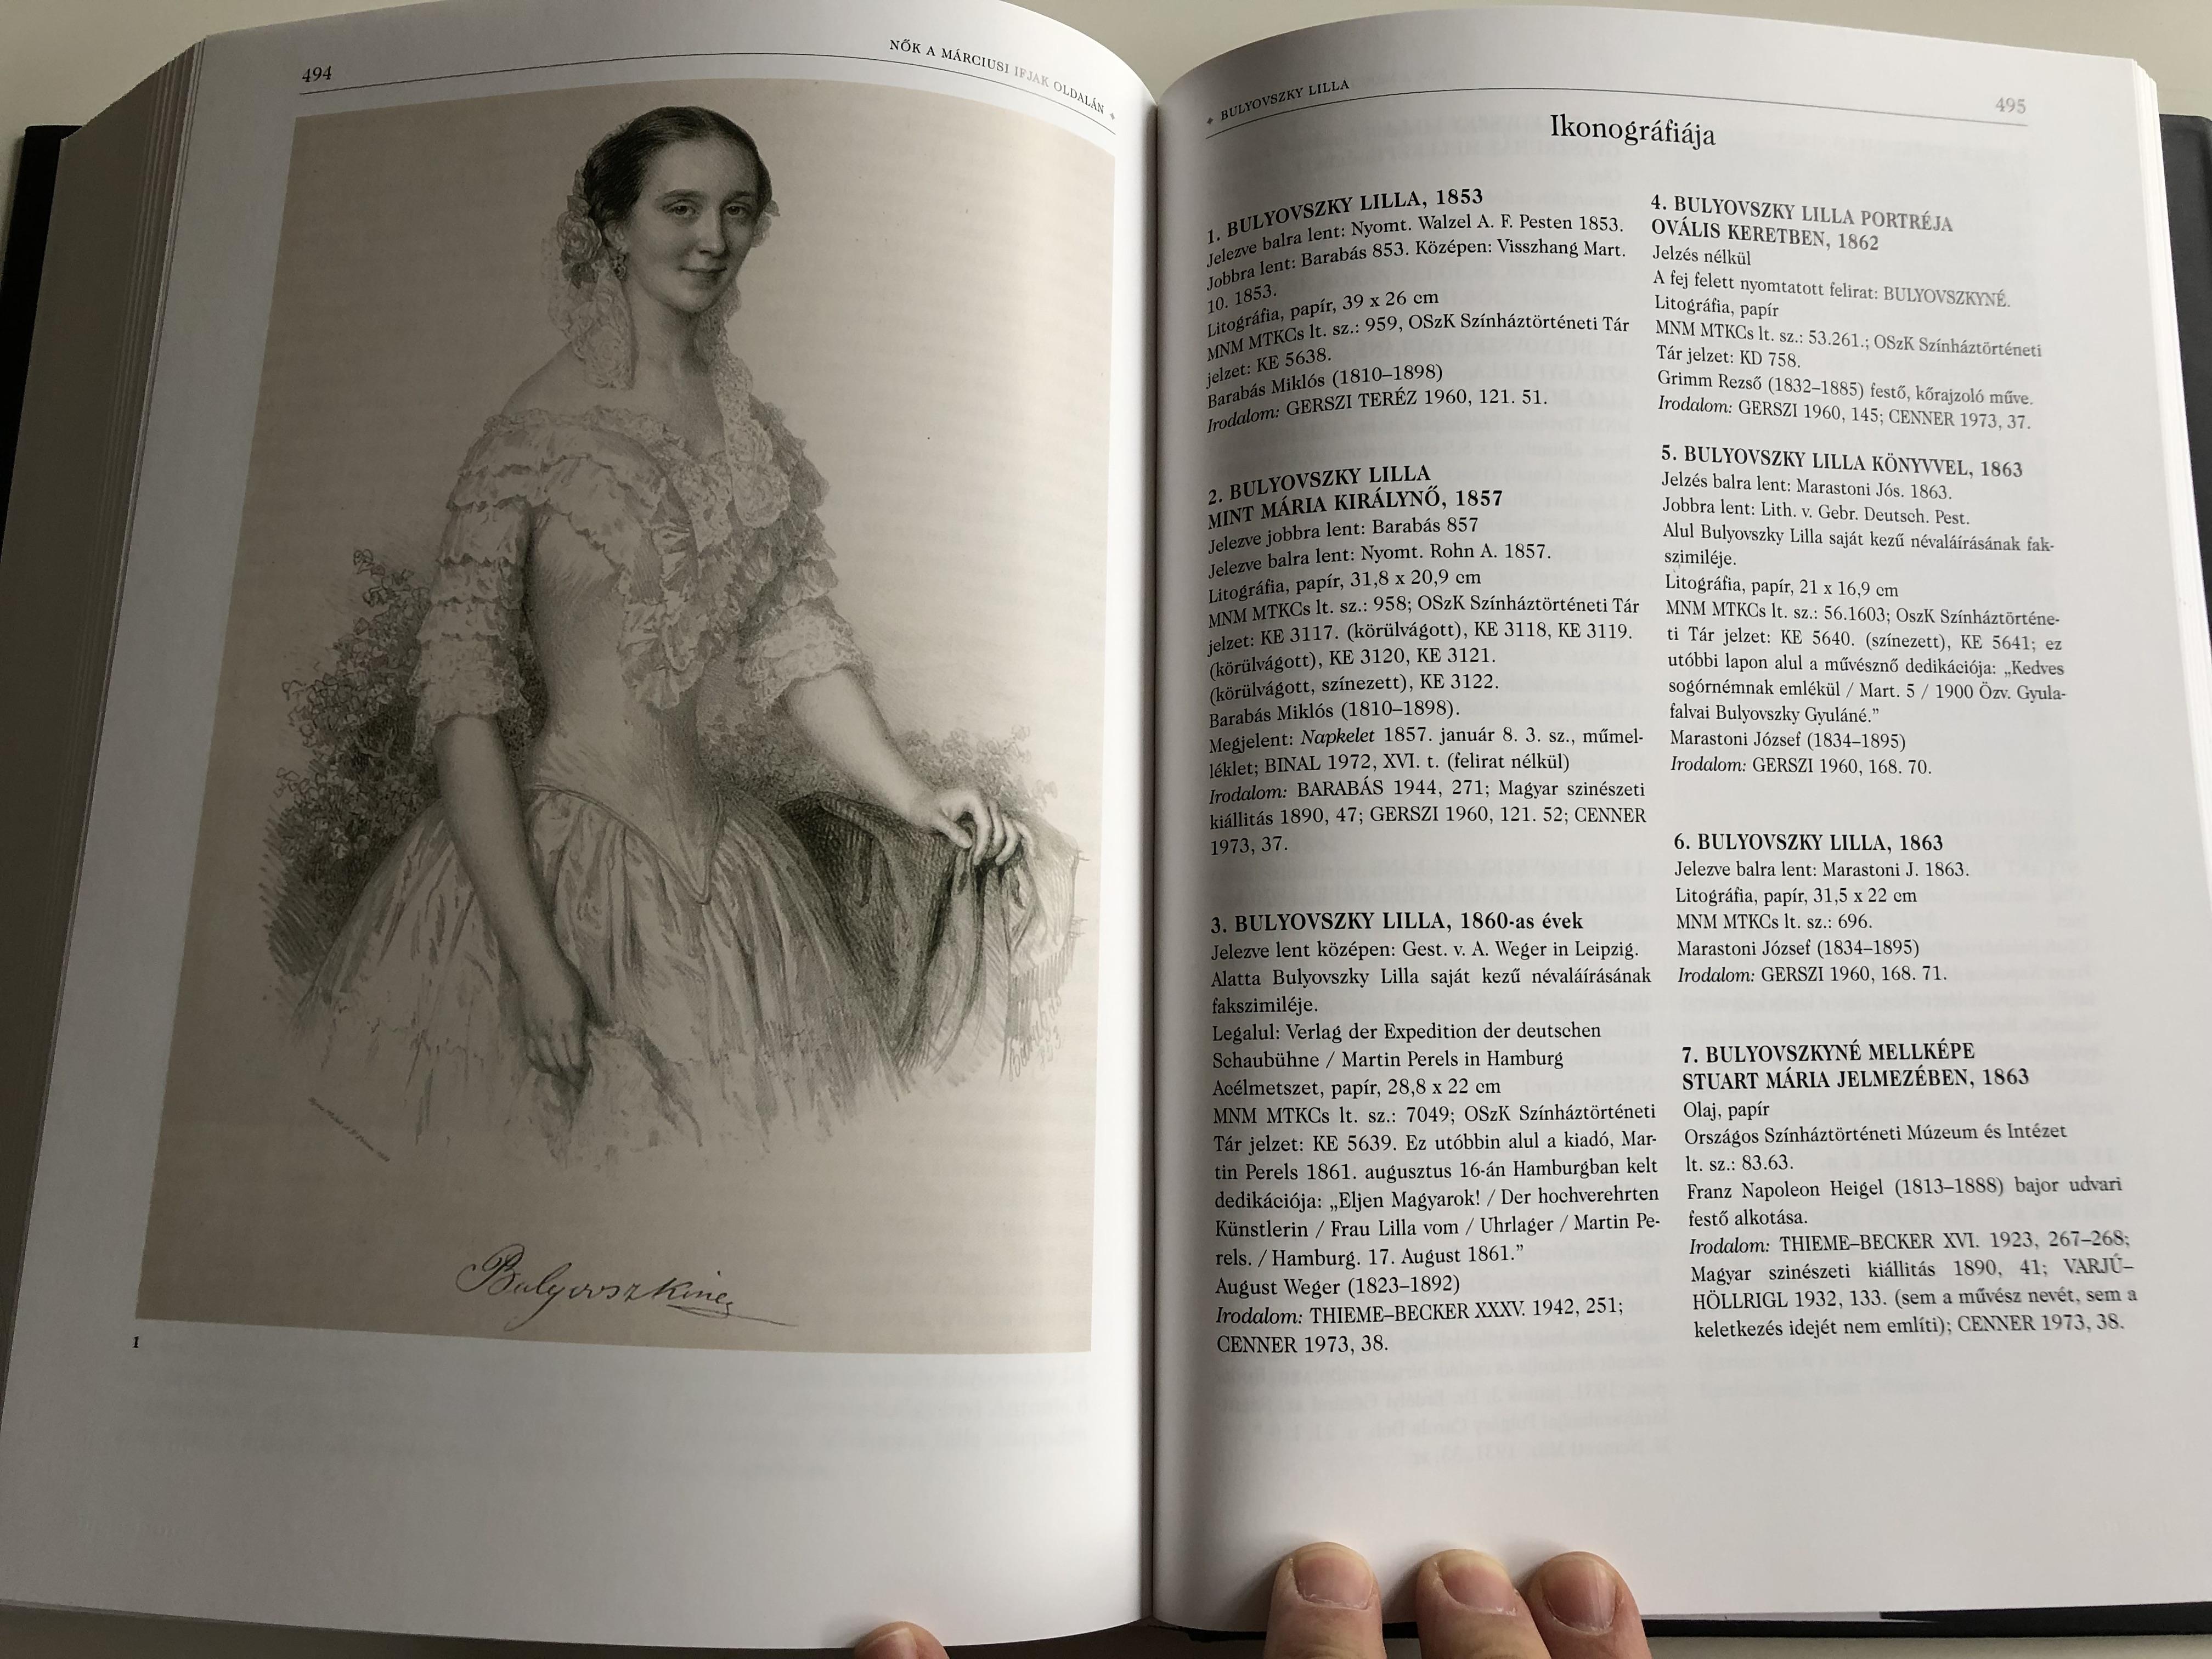 a-m-rciusi-ifjak-nemzed-ke-nem-k-zd-nk-mi-sem-dics-s-g-sem-d-j-rt-acz-l-eszter-basics-beatrix-hermann-r-bert-kalla-zsuzsa-szil-gyi-m-rton-editor-k-rm-czi-katalin-paperback-2000-magyar-nemzeti-m-zeum-16-.jpg